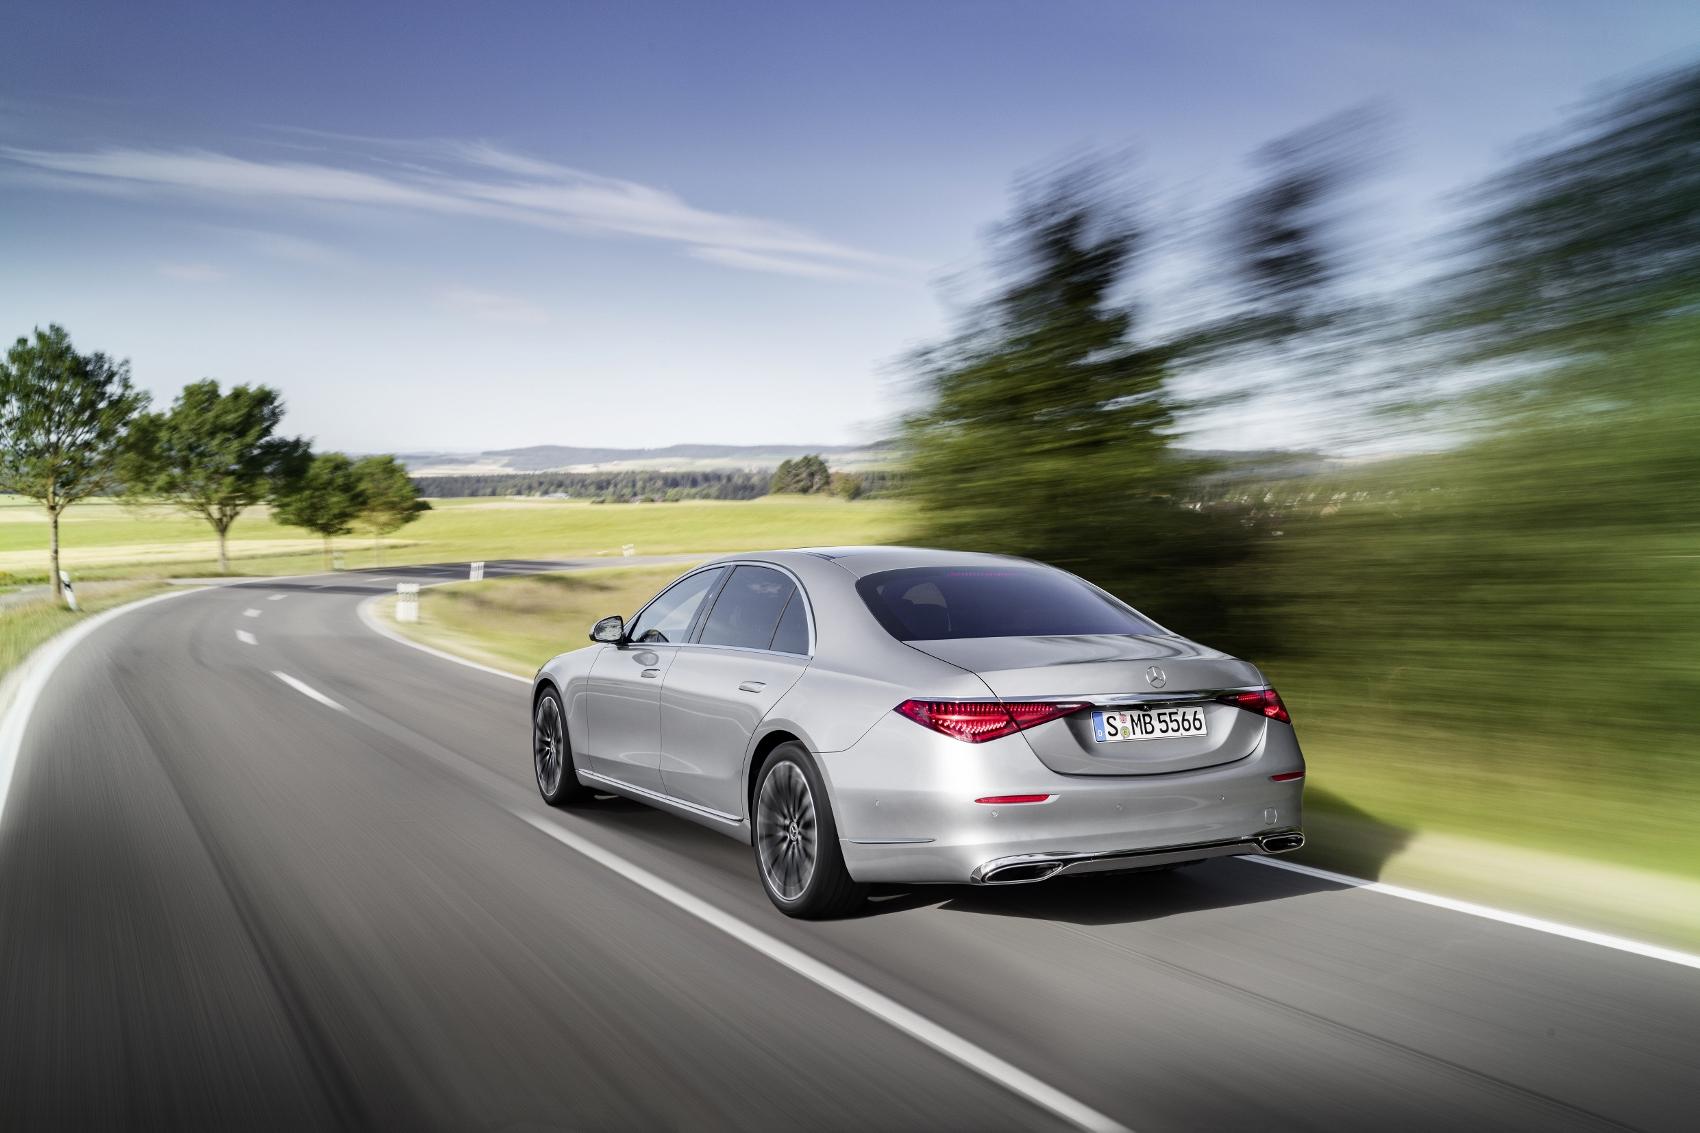 Nový Mercedes S je najpokročilejším Mercedesom v histórii UfOXpJyHF9 20c0358034-1700x1133